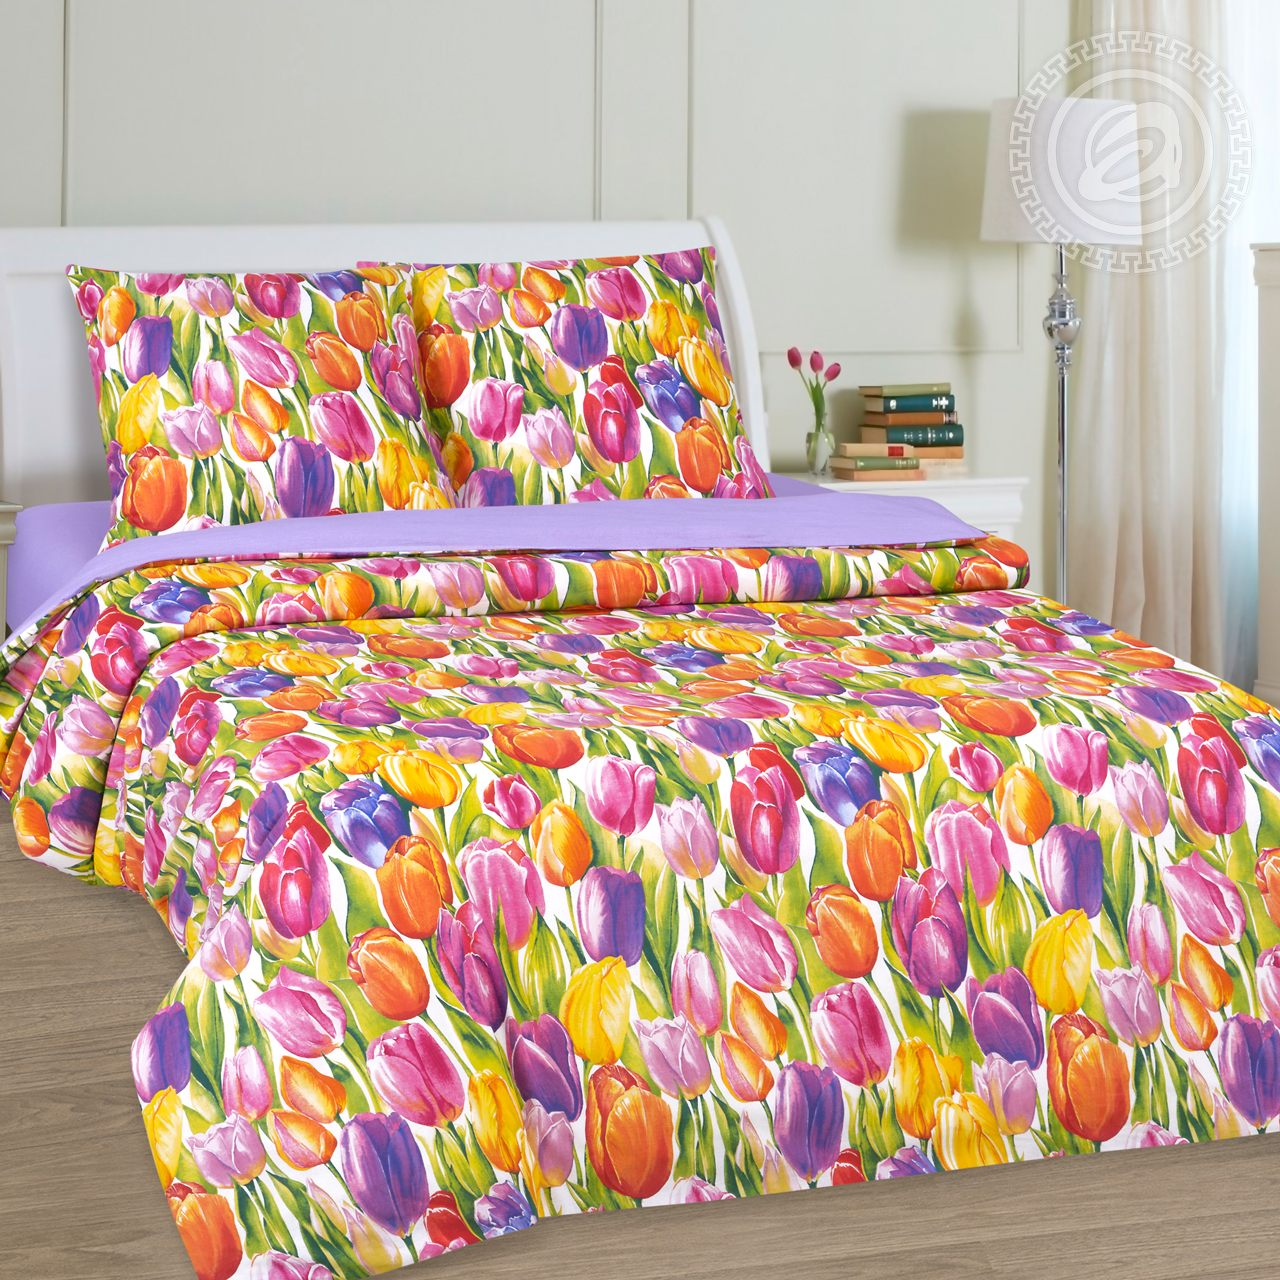 Постельное белье iv46252 (поплин) (1,5 спальный) постельное белье iv54872 поплин 1 5 спальный